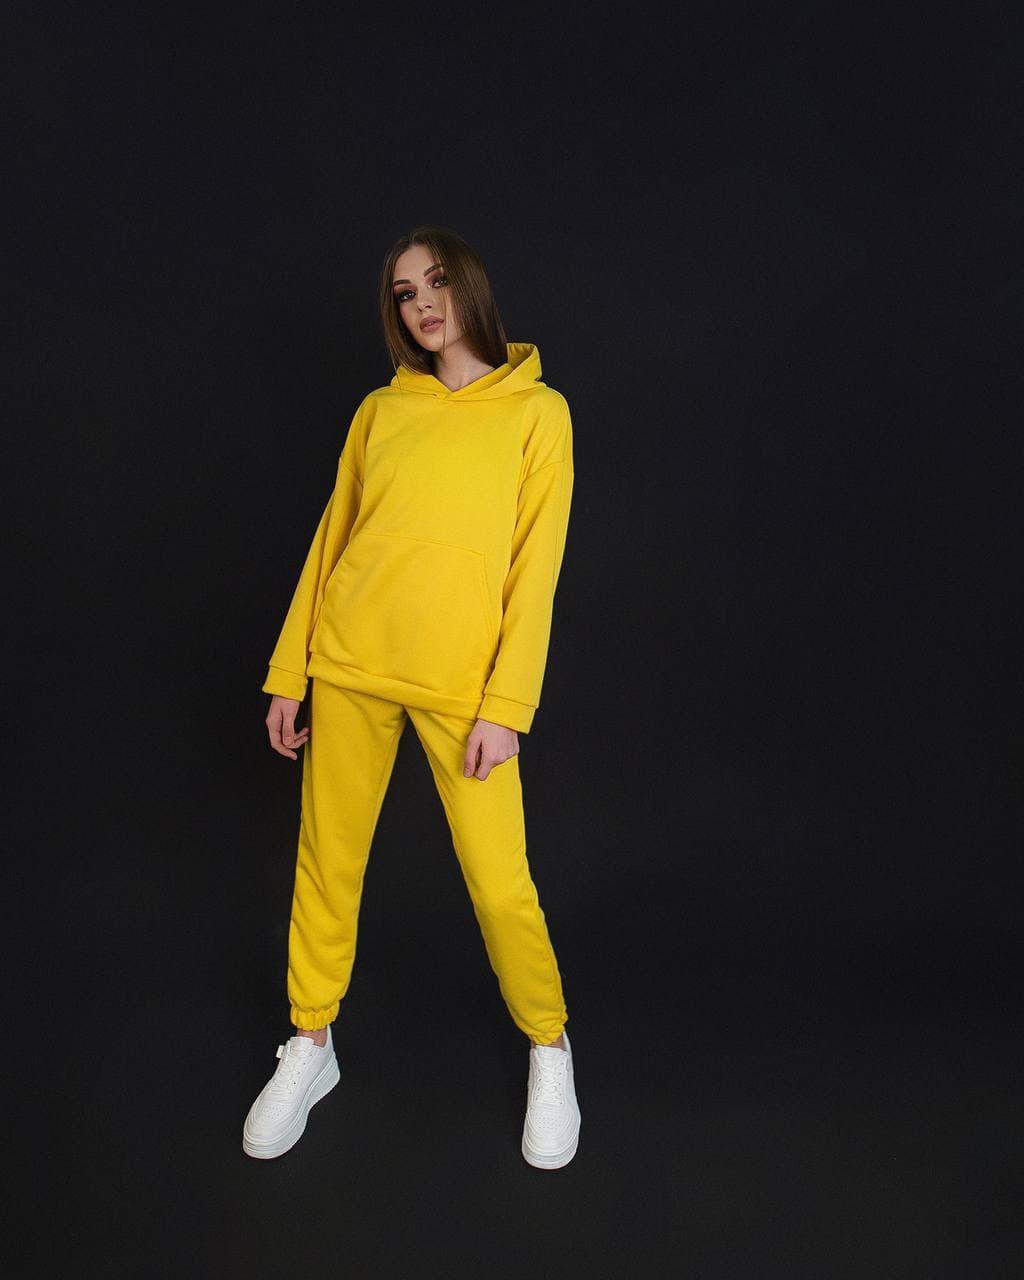 Жіночий костюм двійка з кишенями і капюшоном молодіжний оверсайз oversize Dekka MomOver 1.0 Жовтий лимон